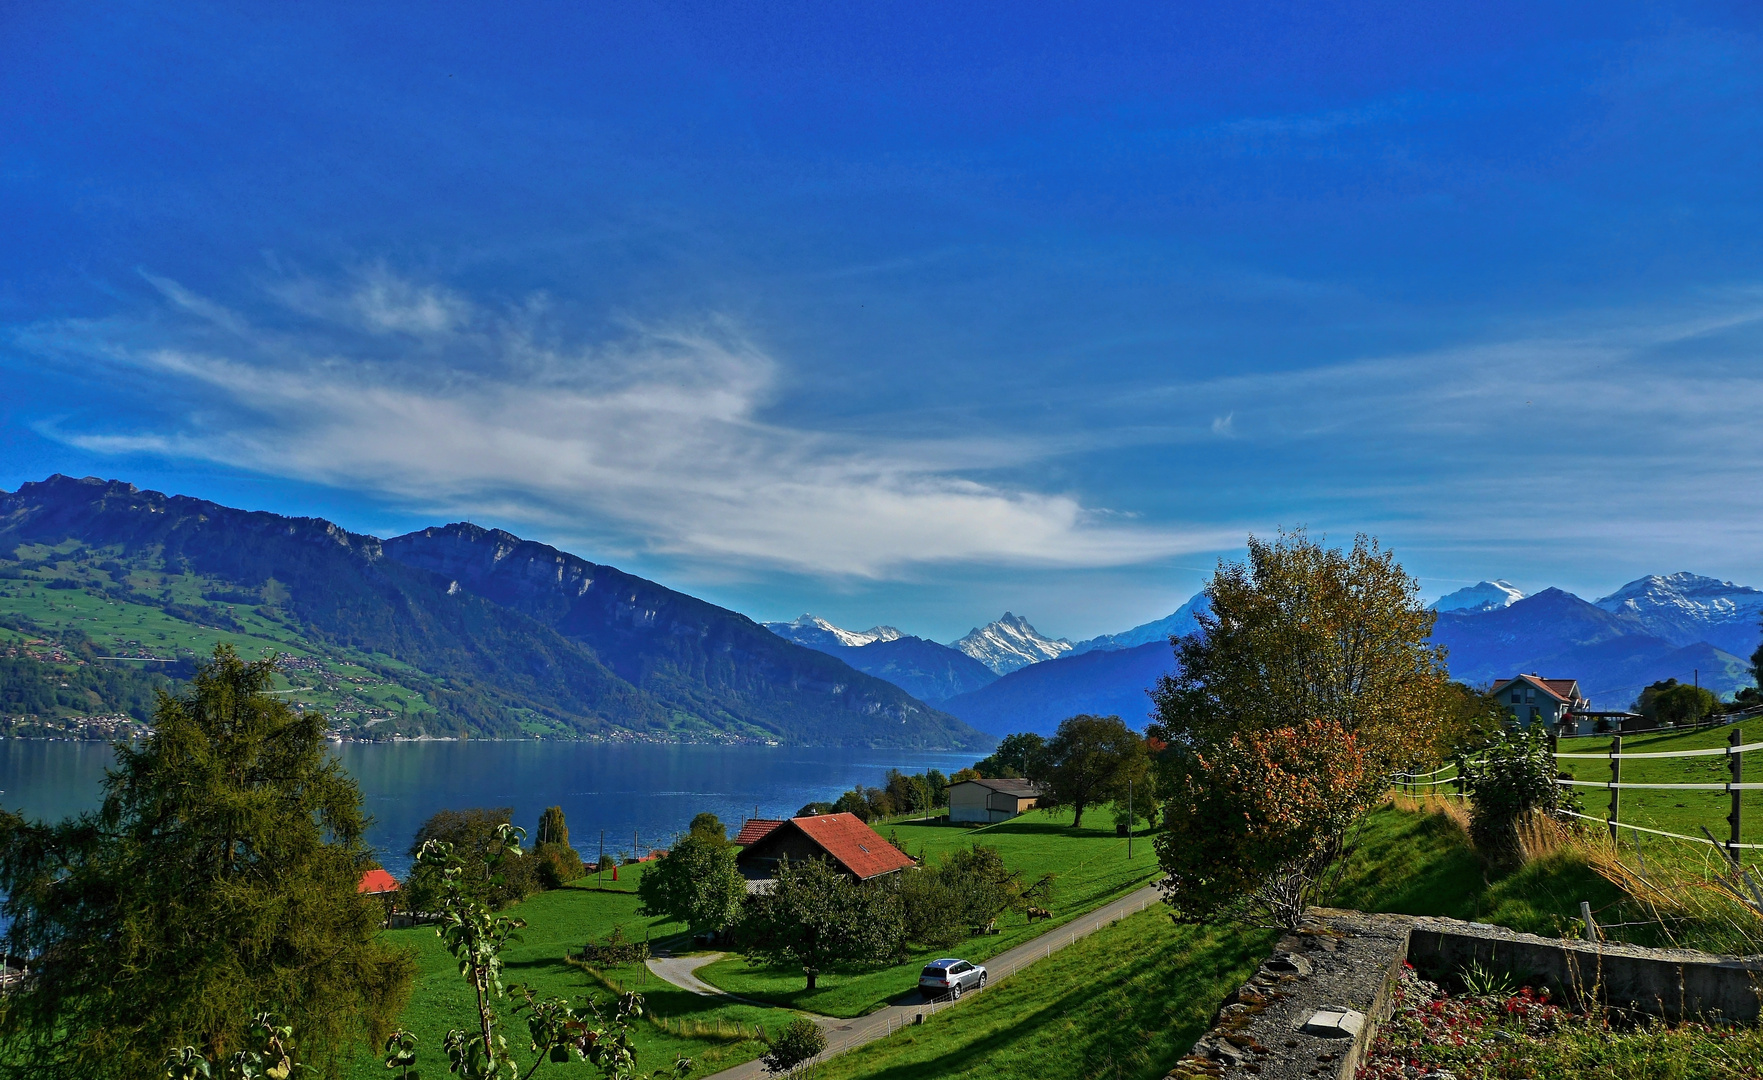 Blick auf den Thunersee und die Berge